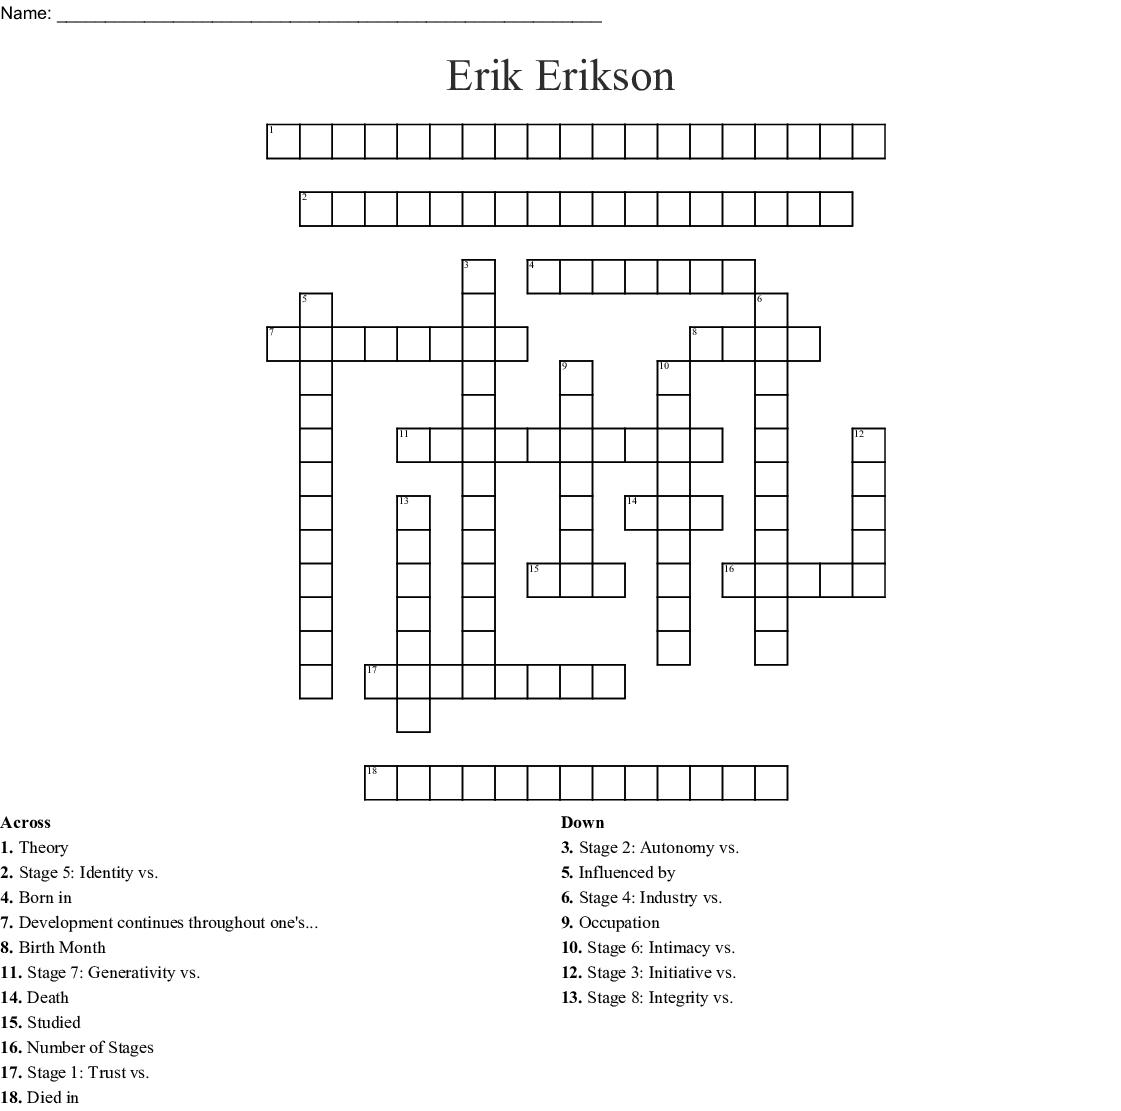 Erik Erikson Crossword